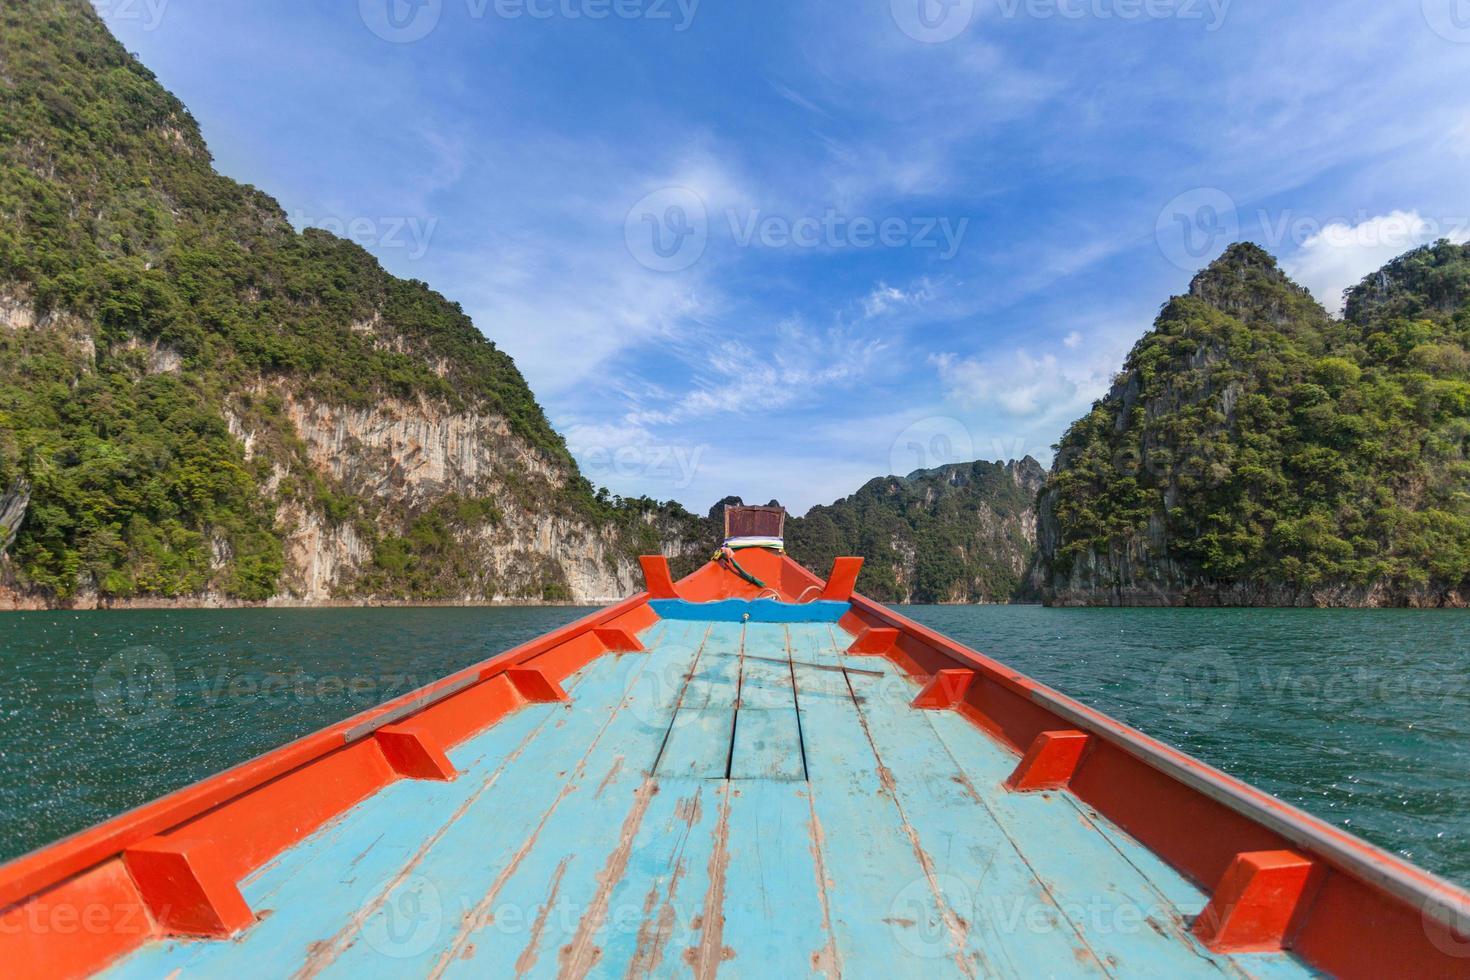 kleine Boote im Ratchapapha-Damm, Provinz Surat Thani, Thailand. foto